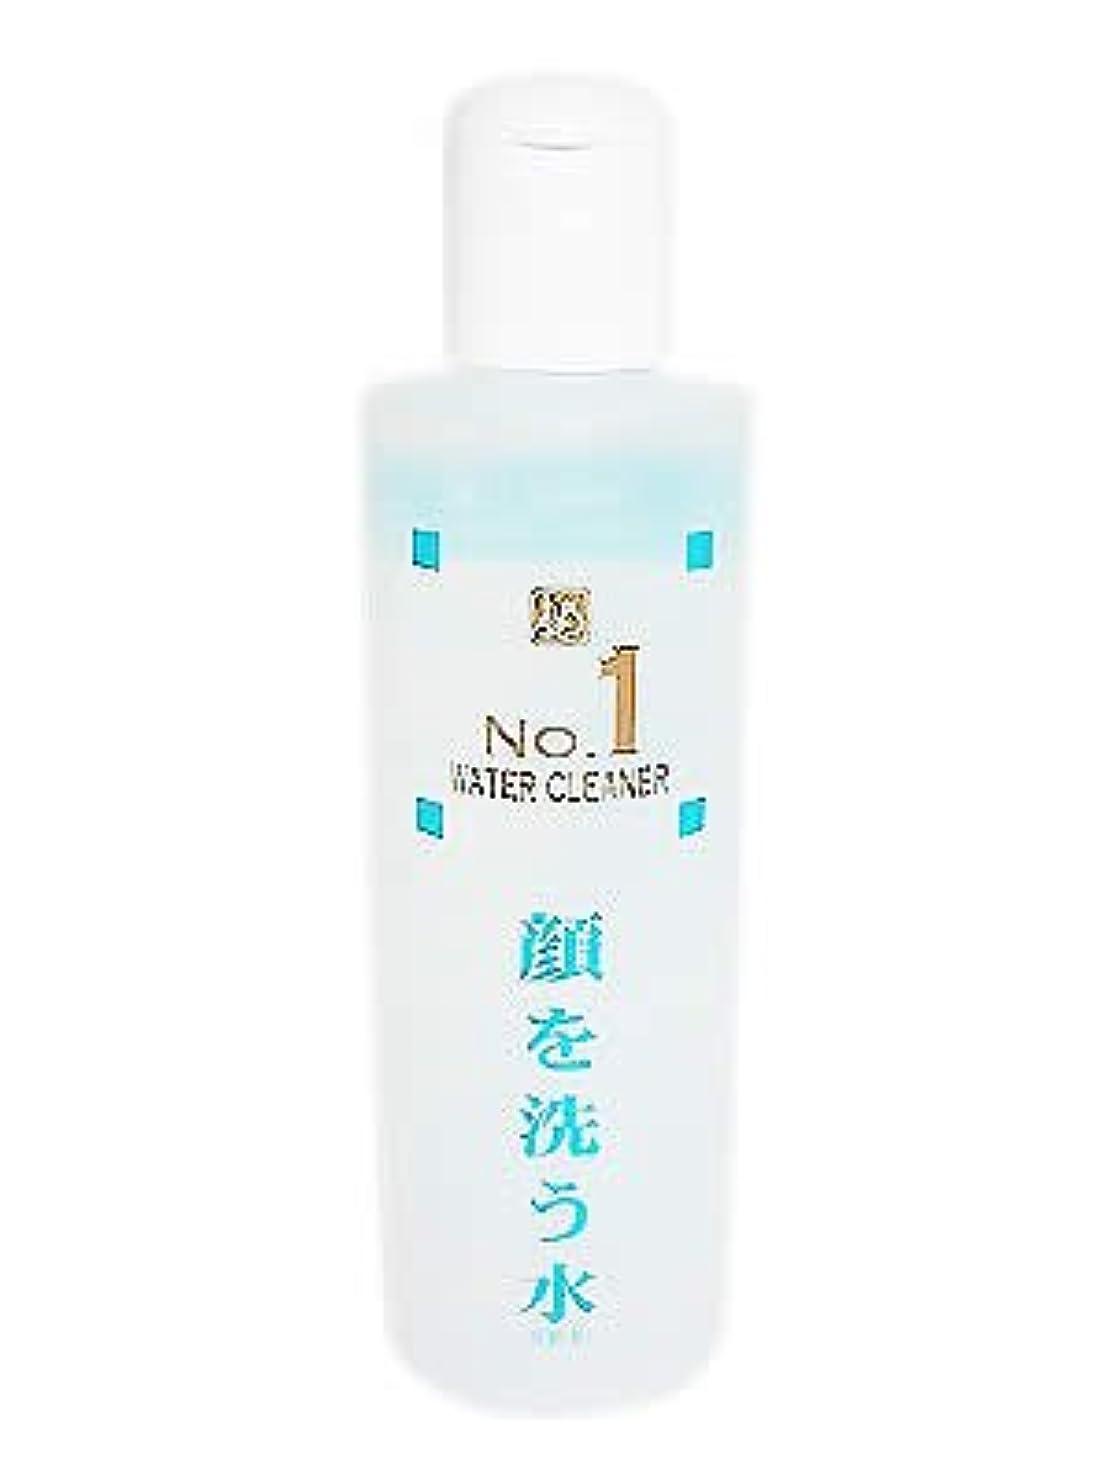 犯人おびえた挽く顔を洗う水 No.1 ウォータークリーナー 洗顔化粧水 500ml